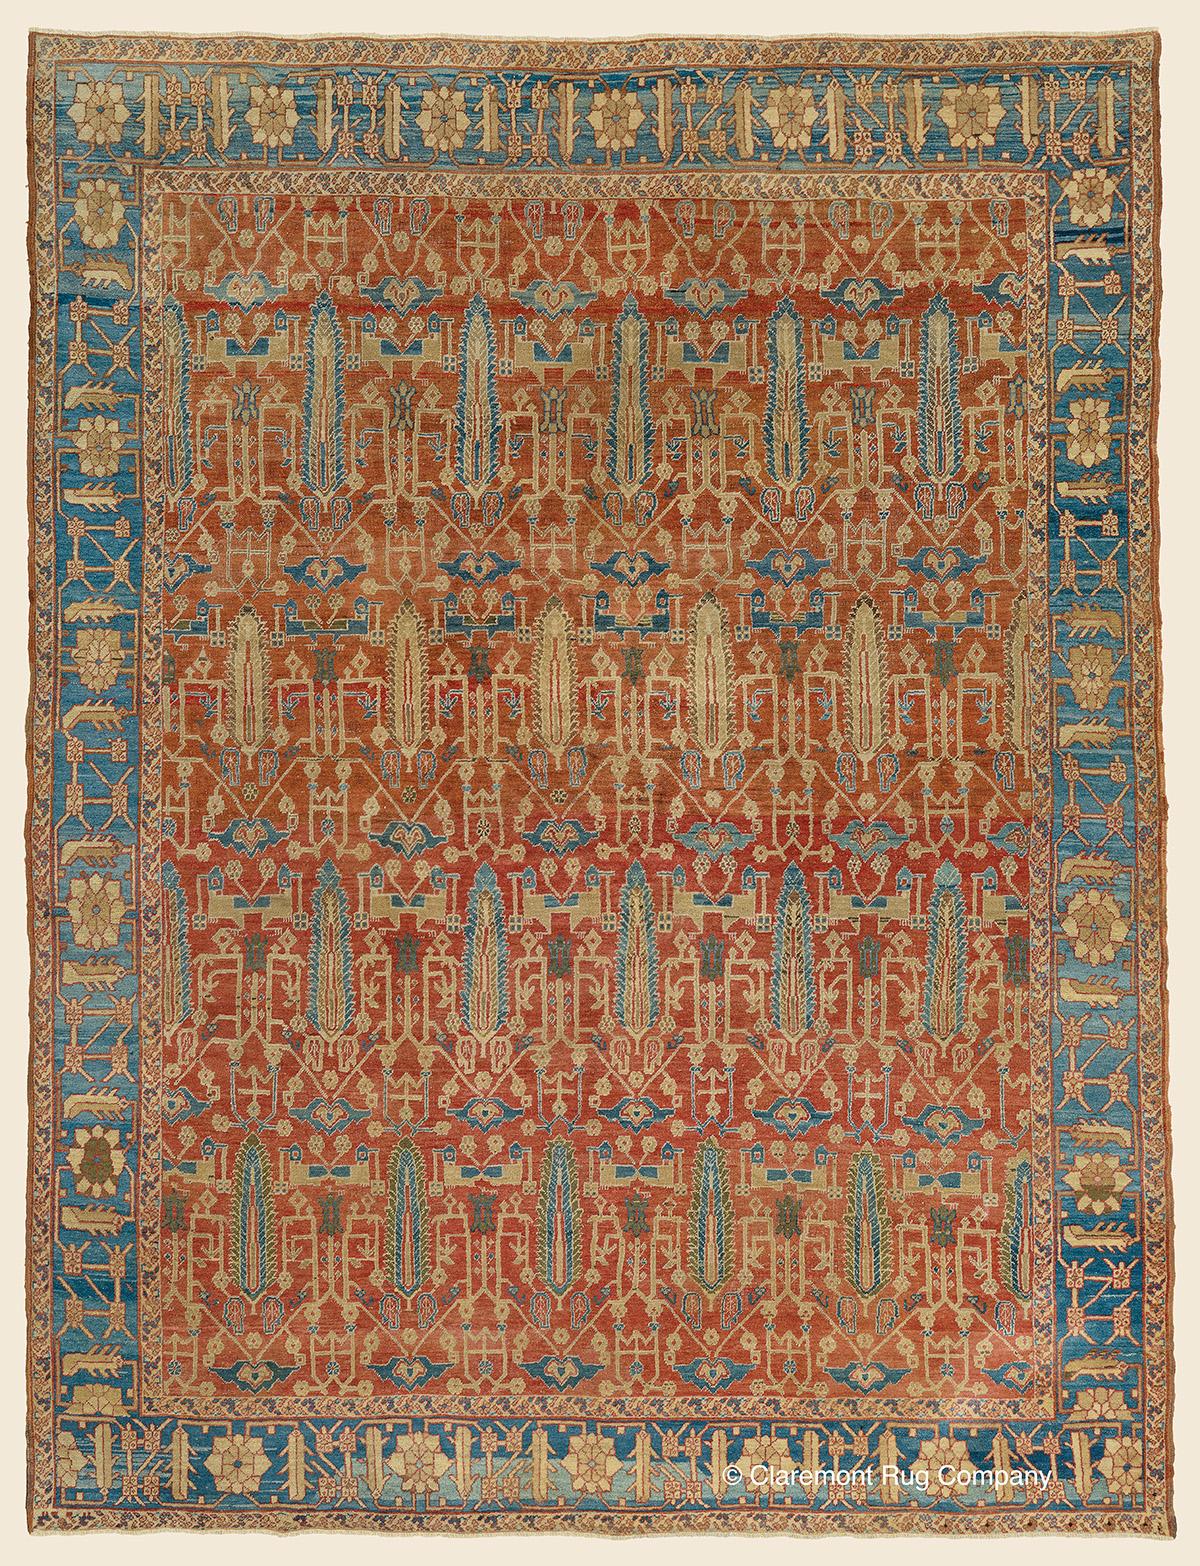 Bakshaish Quot Tree Of Life Quot Northwest Persian Antique Rug